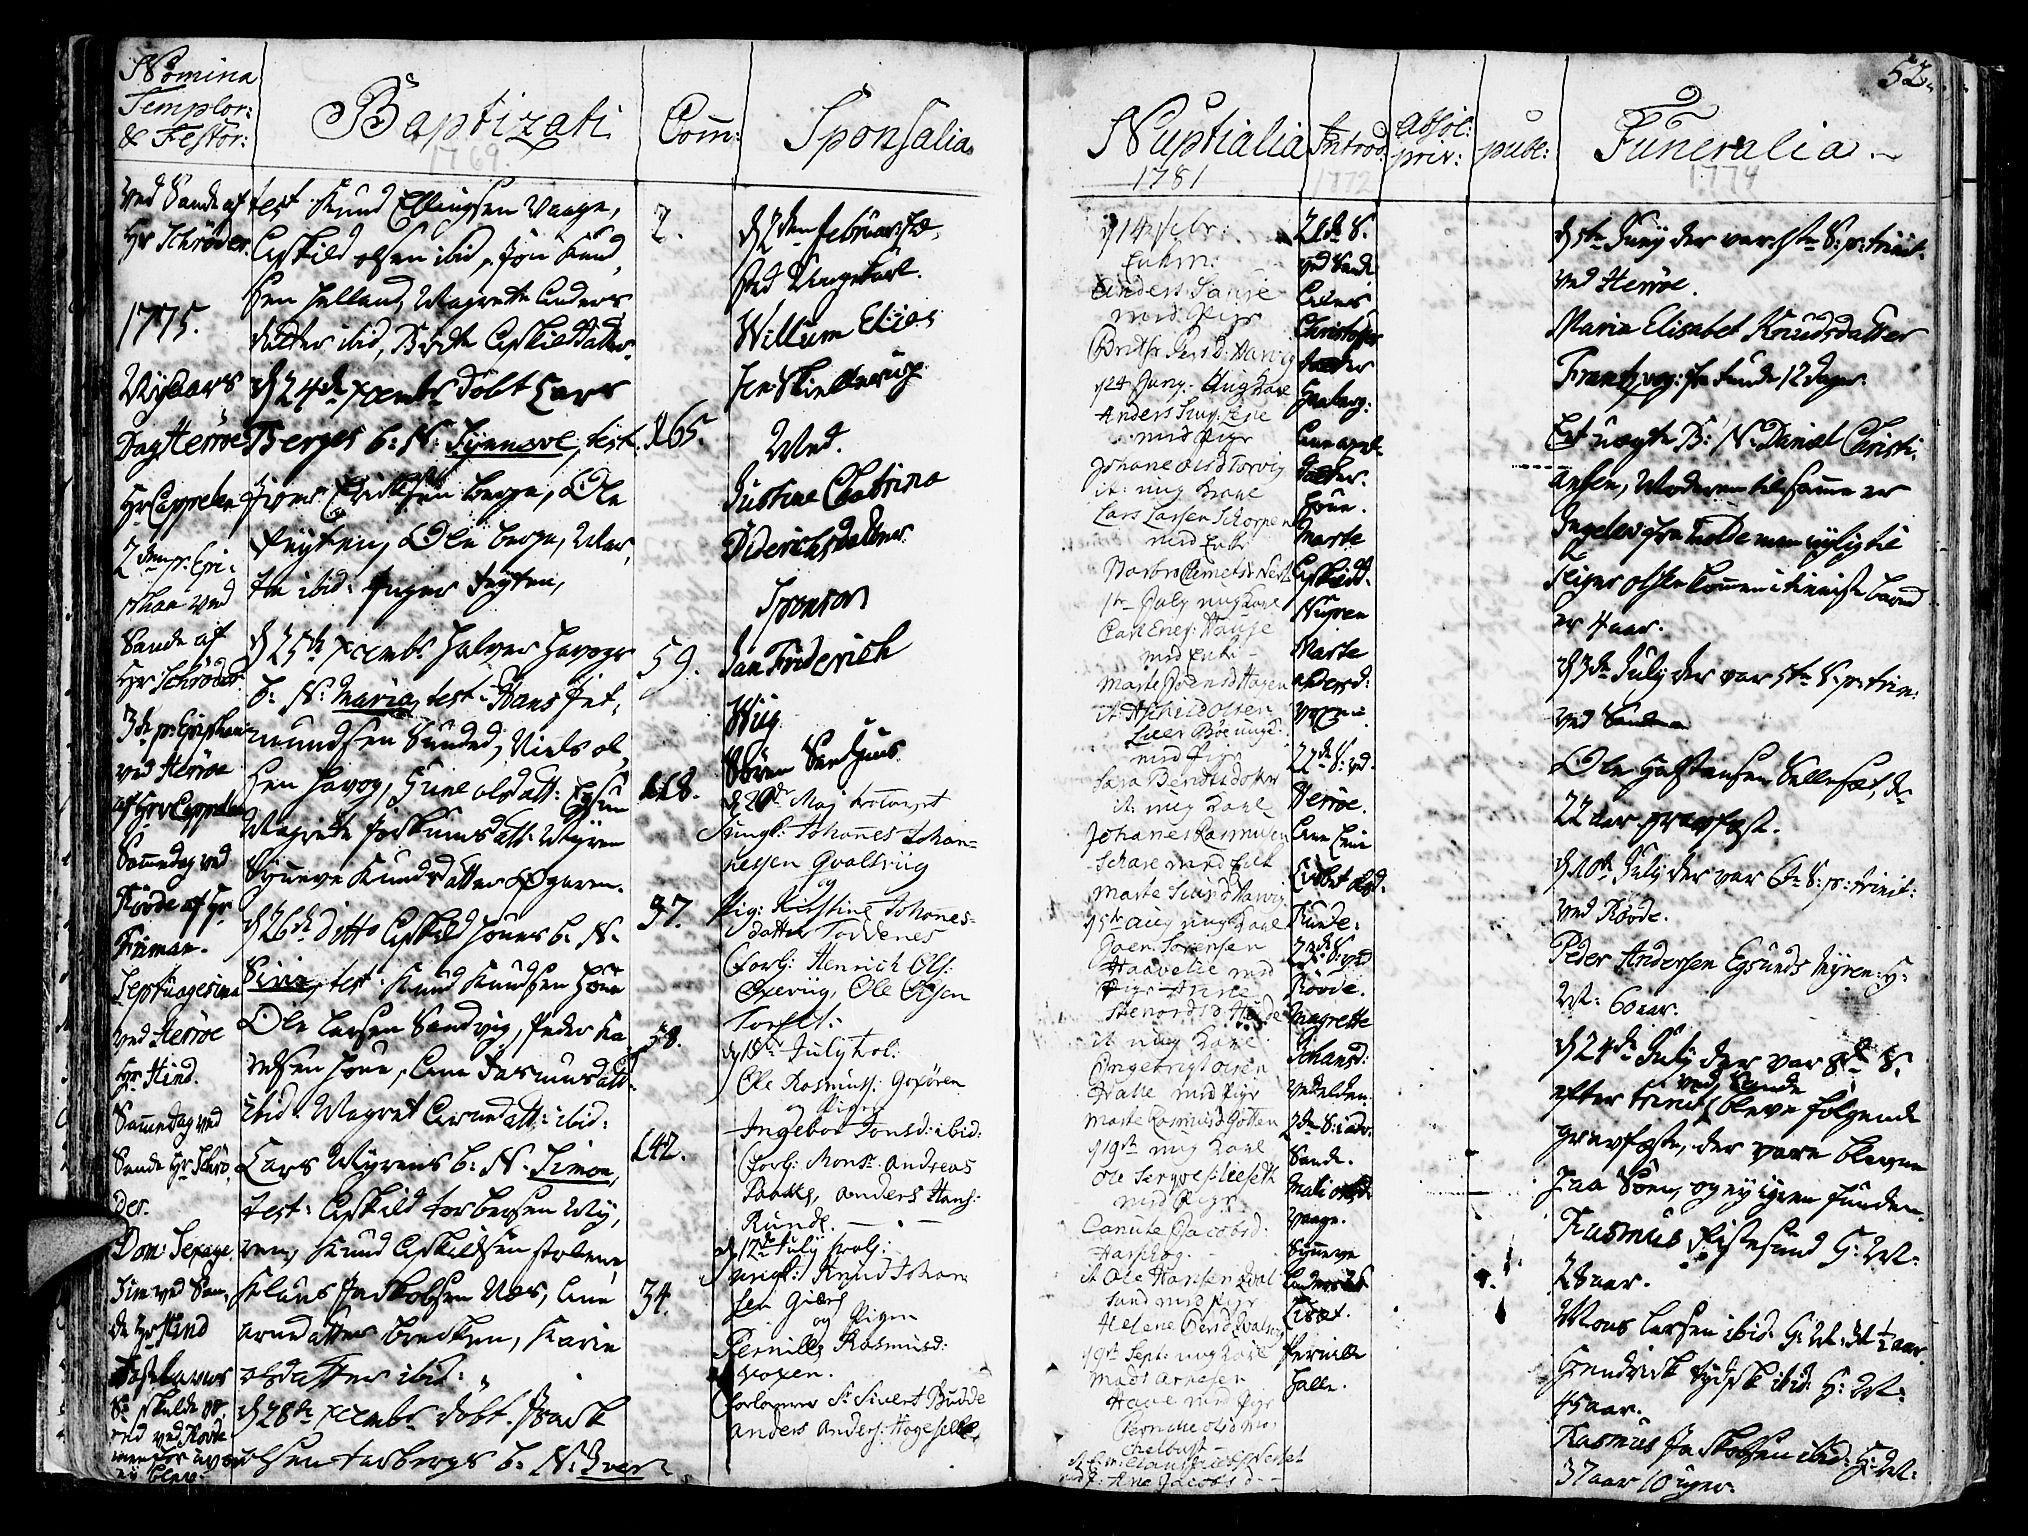 SAT, Ministerialprotokoller, klokkerbøker og fødselsregistre - Møre og Romsdal, 507/L0067: Ministerialbok nr. 507A02, 1767-1788, s. 52